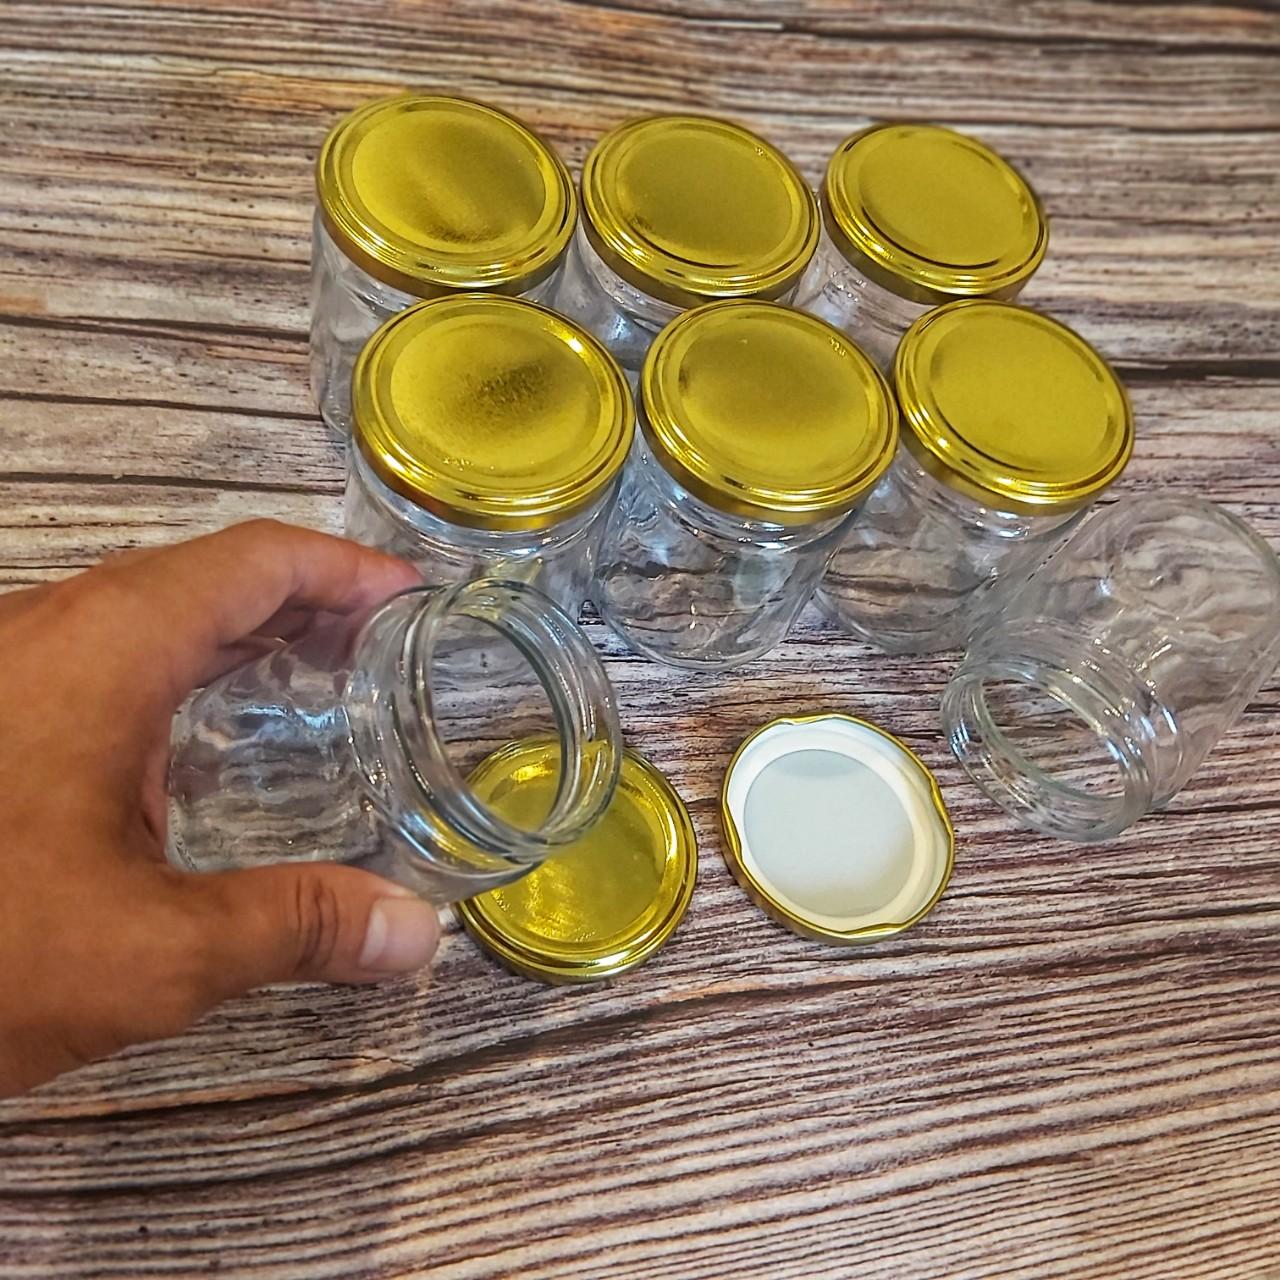 Combo 18 Hũ Thủy Tinh Nắp Thiếc Vàng vặn 200ML đựng Yến chưng, dầu dừa, hũ gia vị, thực phẩm